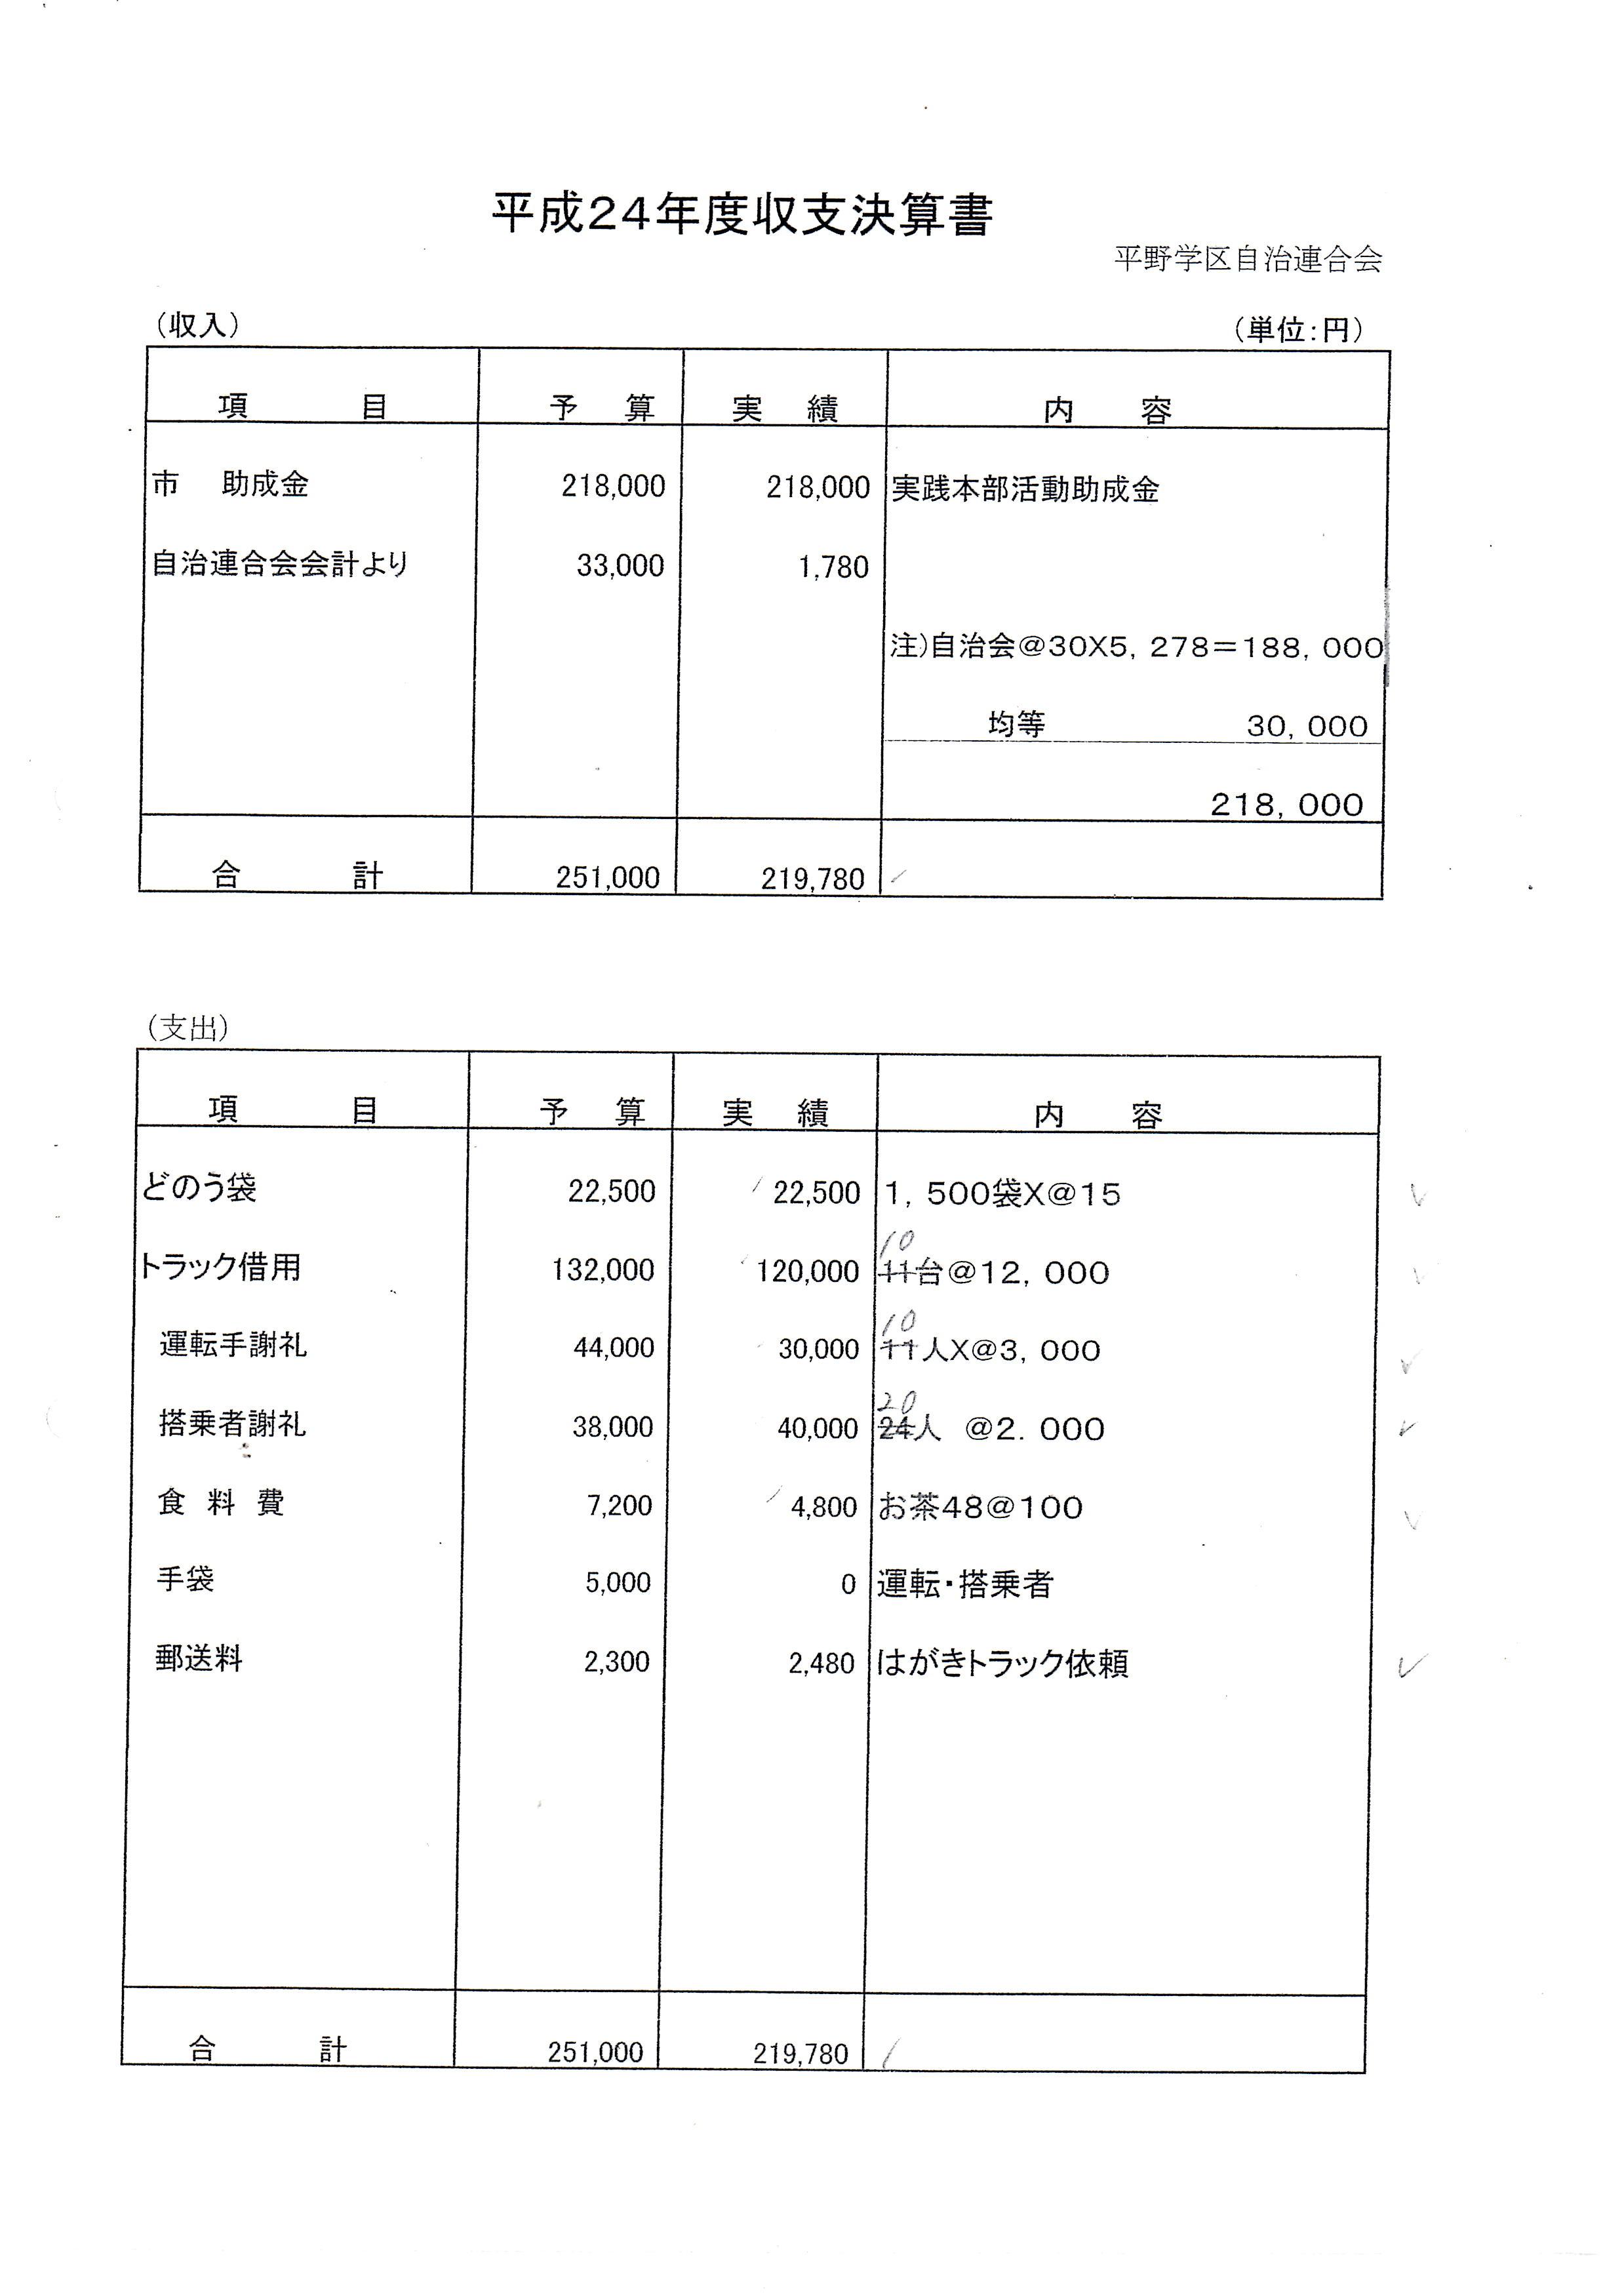 2012年平野学区収支決算書